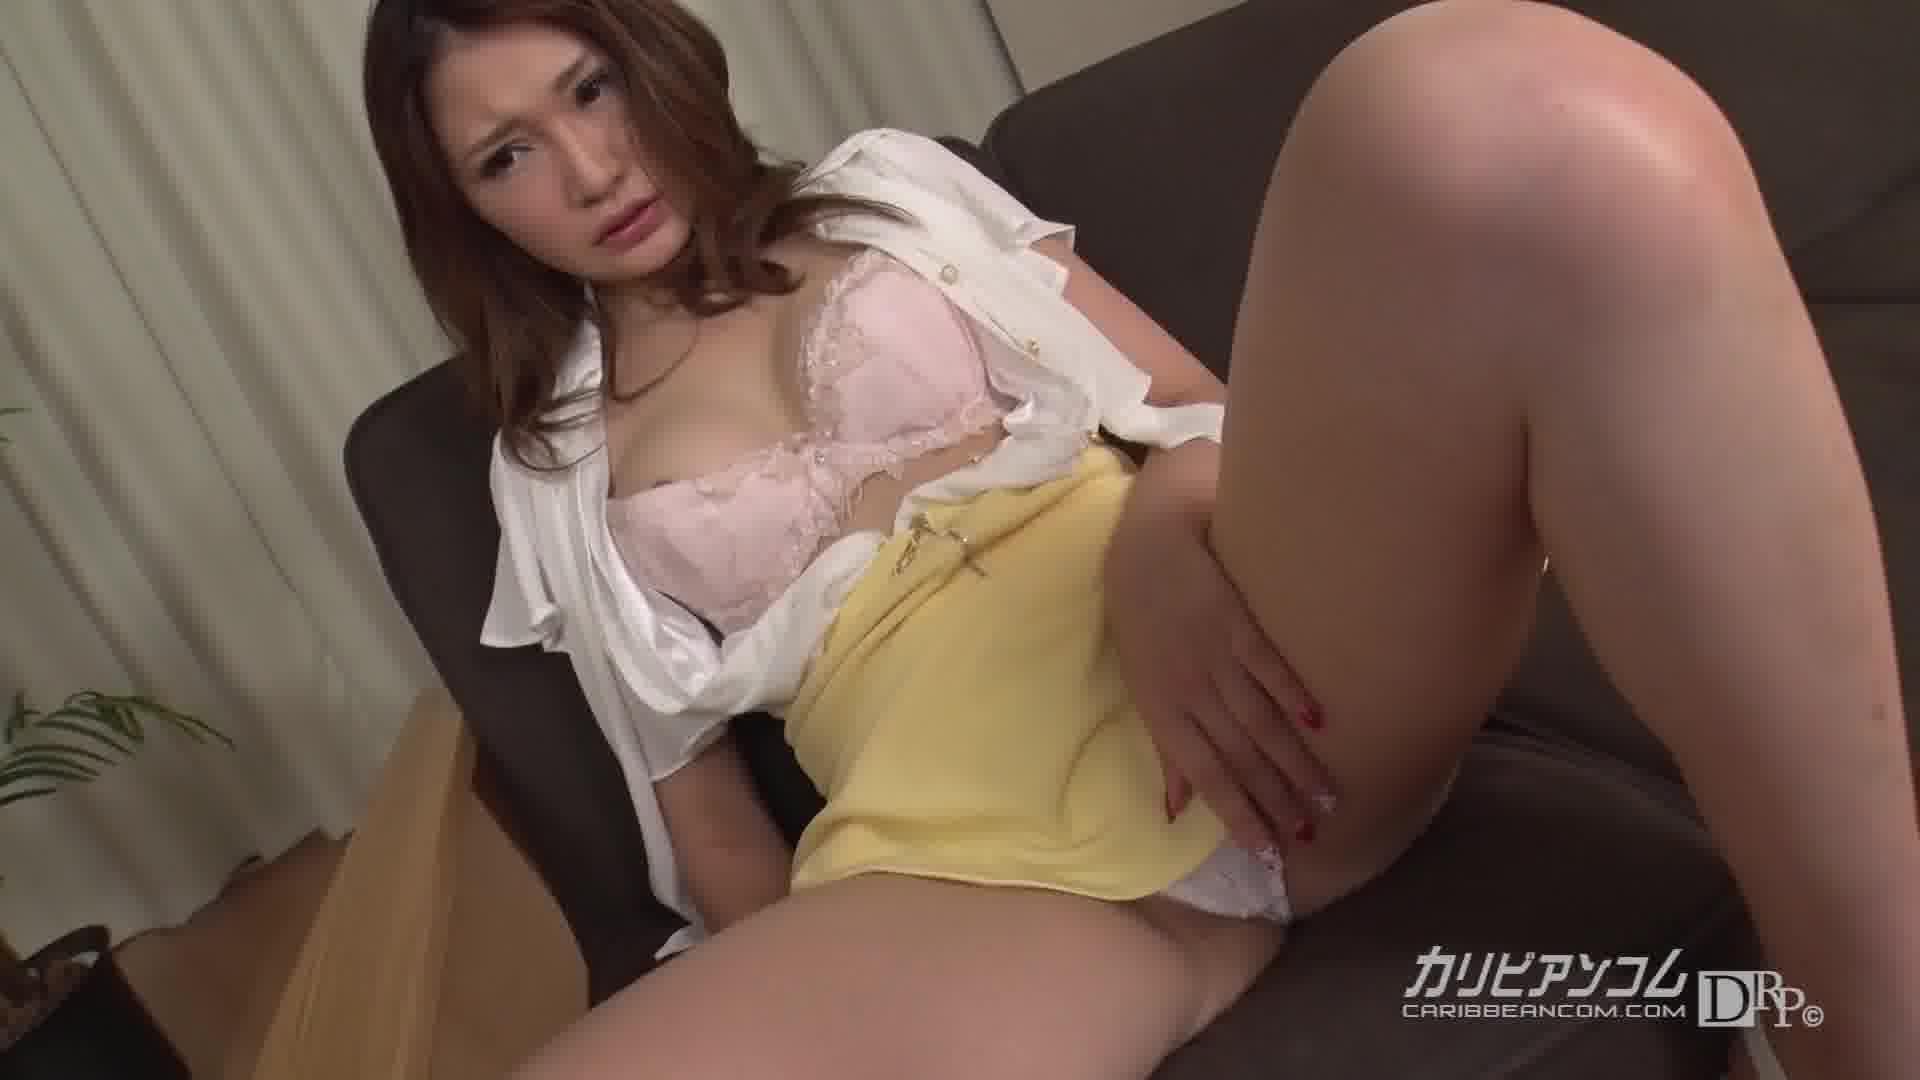 スカイエンジェル 182 パート 2 - 水沢あいり【ギャル・ハード系・アナル】